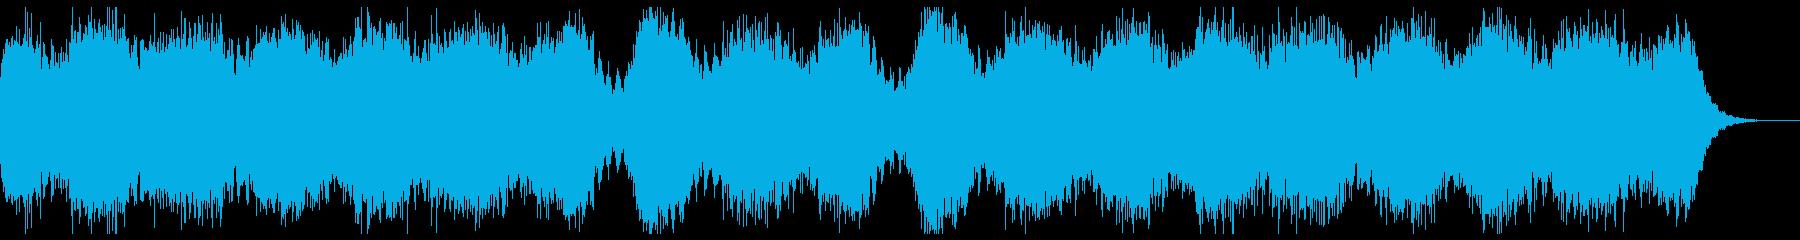 ふたつで十分なBGMの再生済みの波形